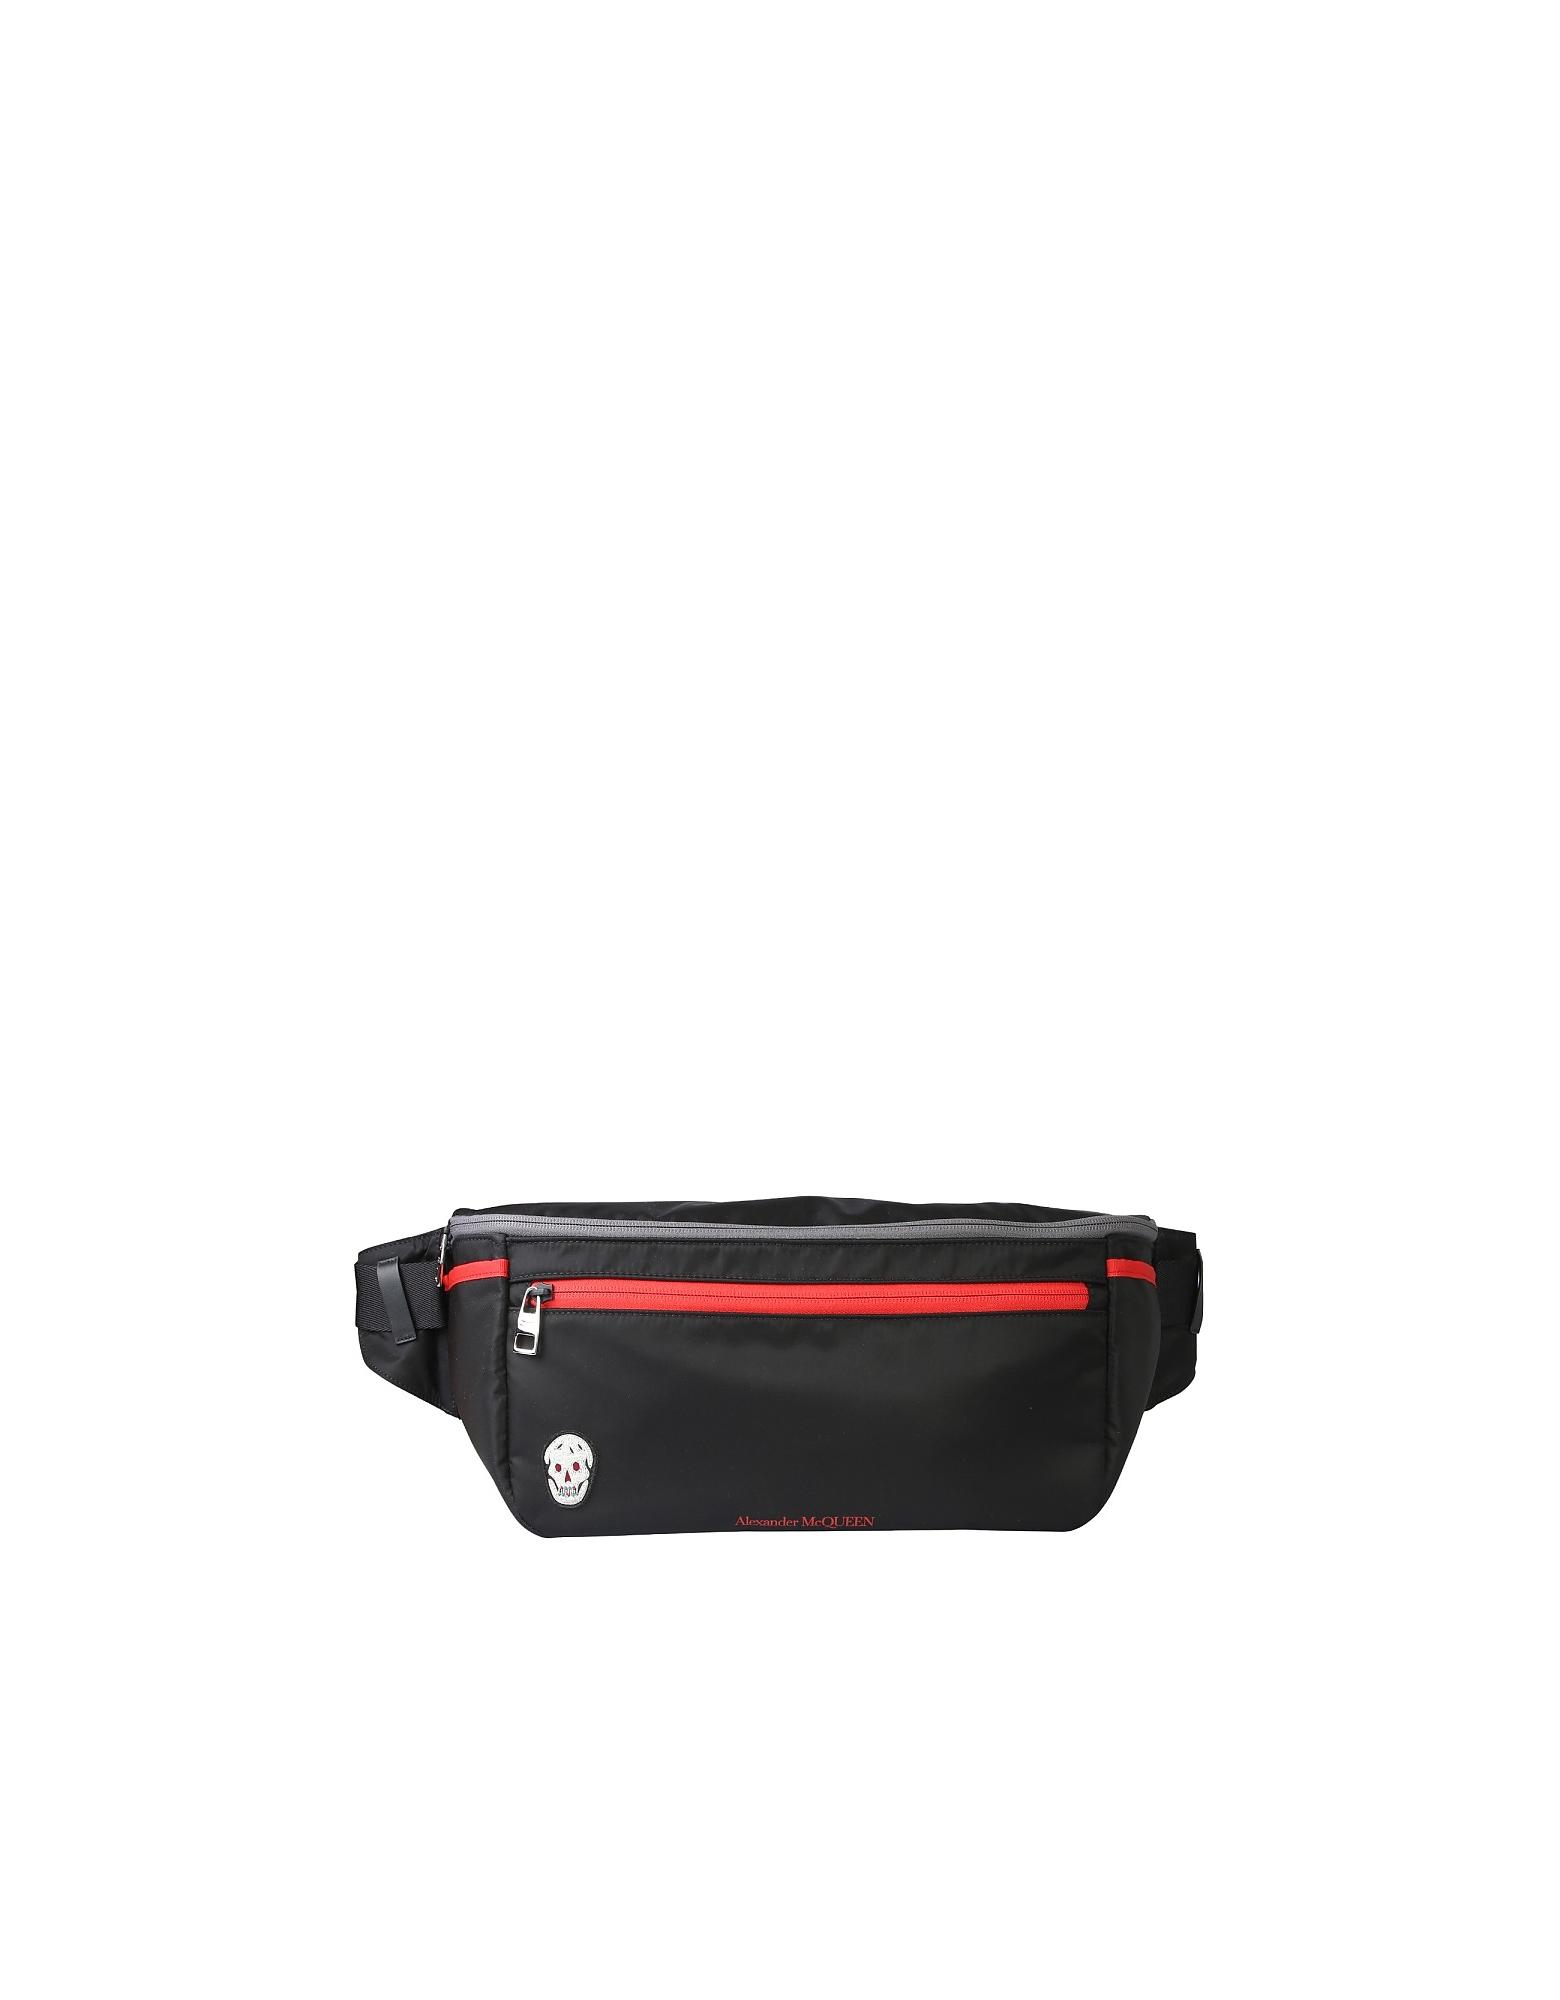 Alexander McQueen Designer Men's Bags, Oversize Pouch